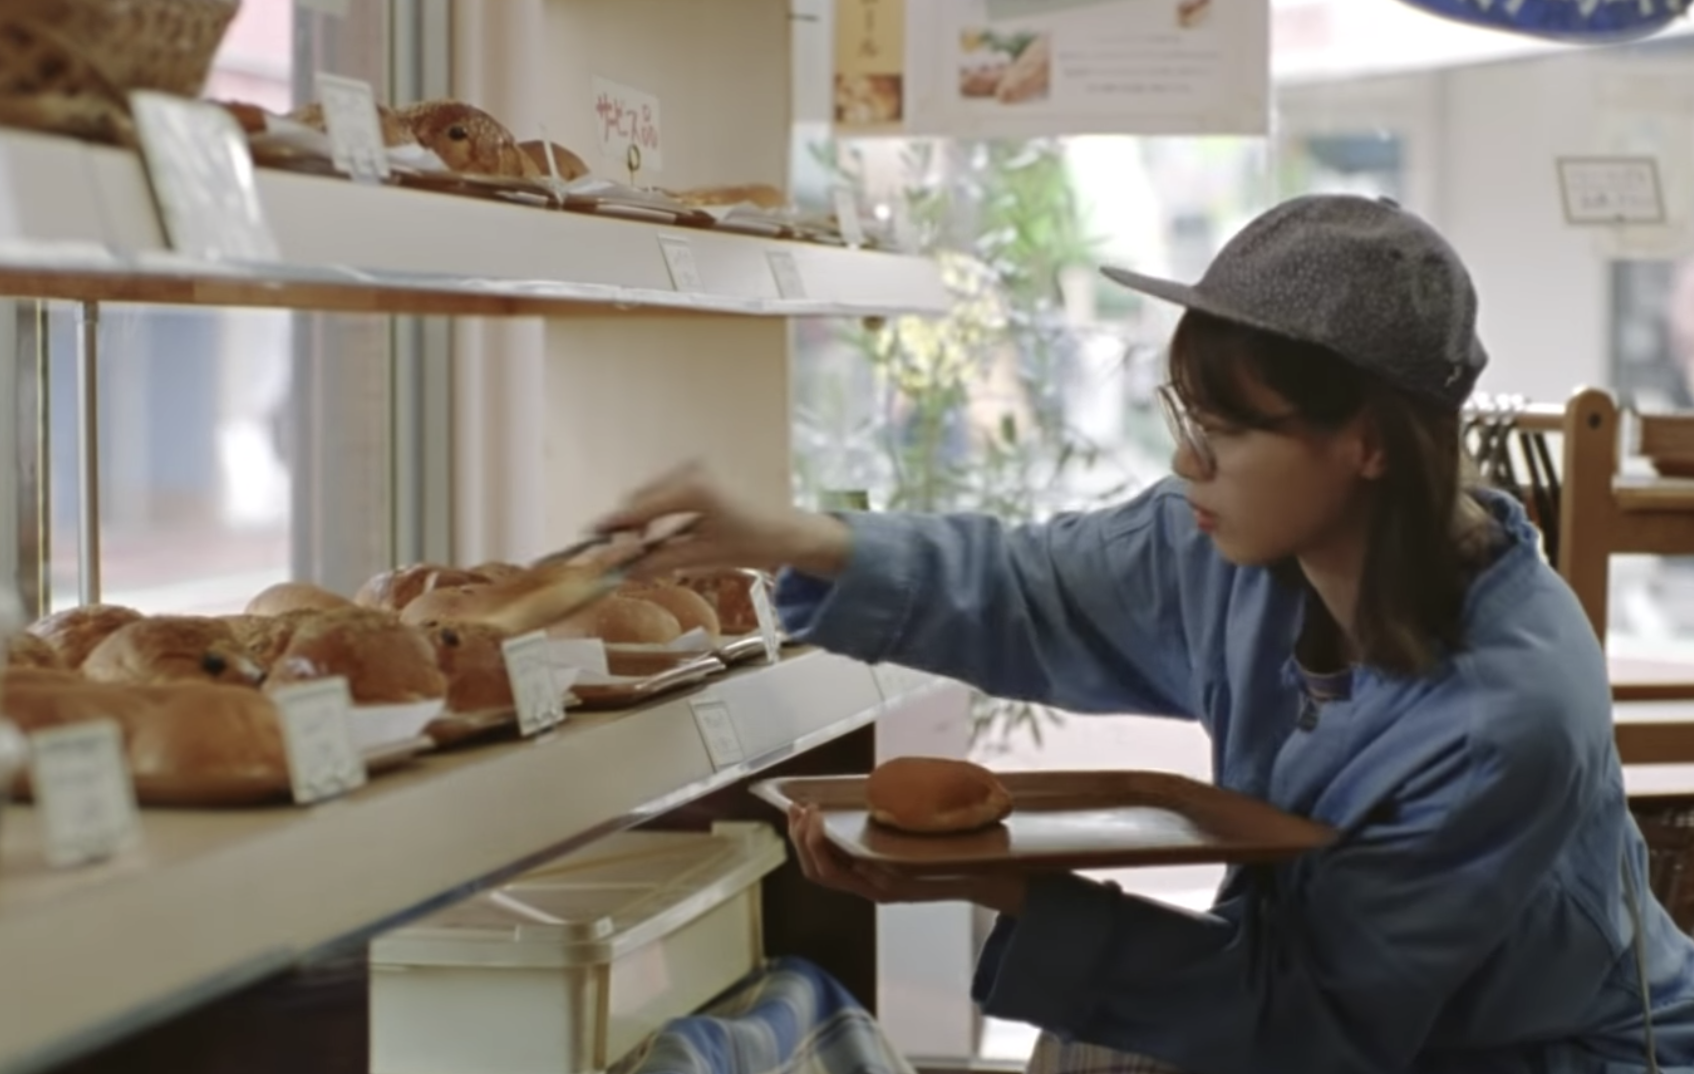 「クリームパンめっちゃ買うたろ」という西野七瀬さん